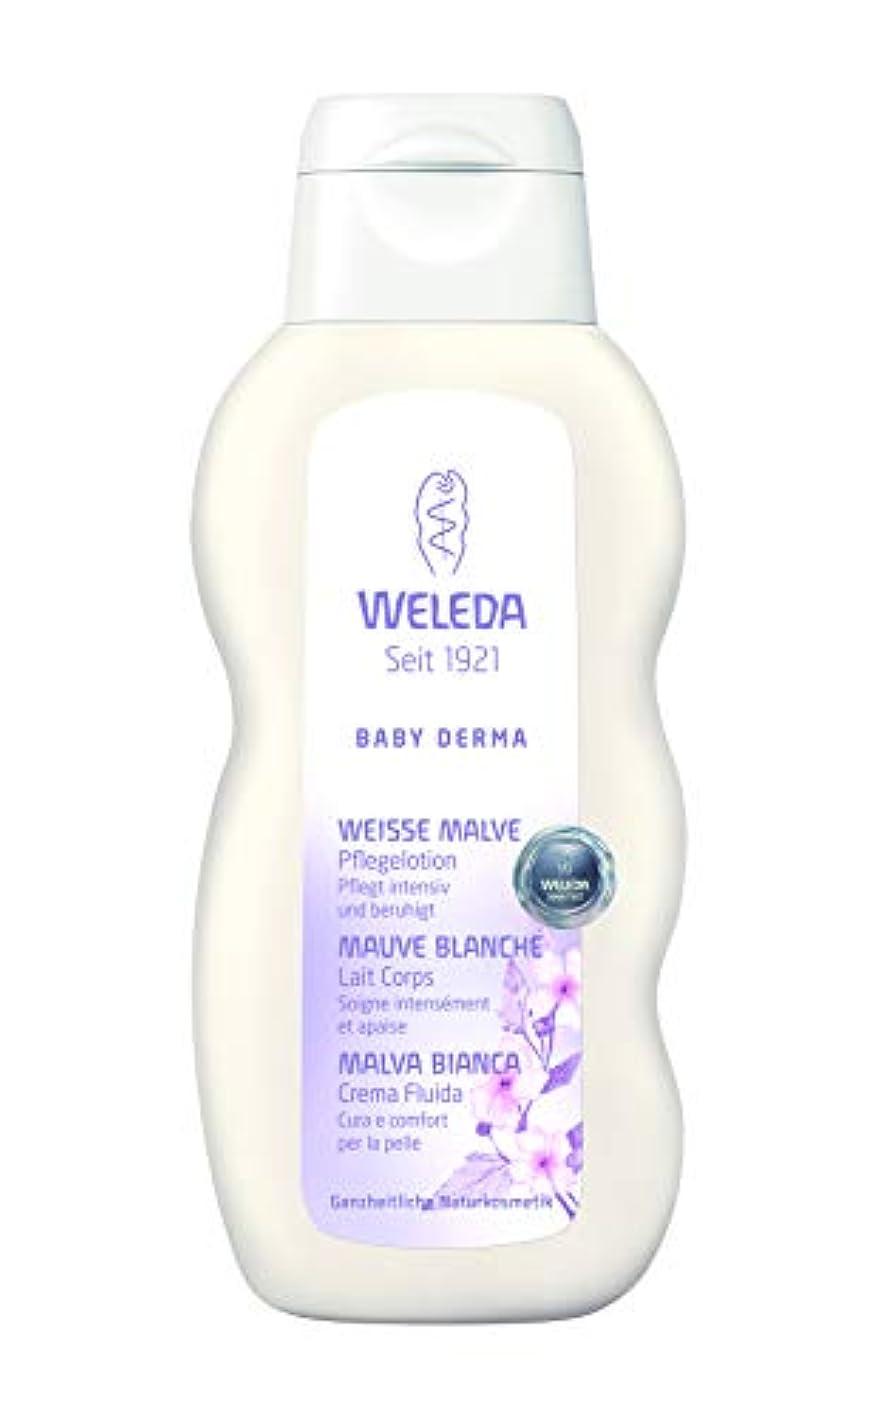 衣服ばかげた倫理的WELEDA(ヴェレダ) マイルド ベビーミルクローション 200ml